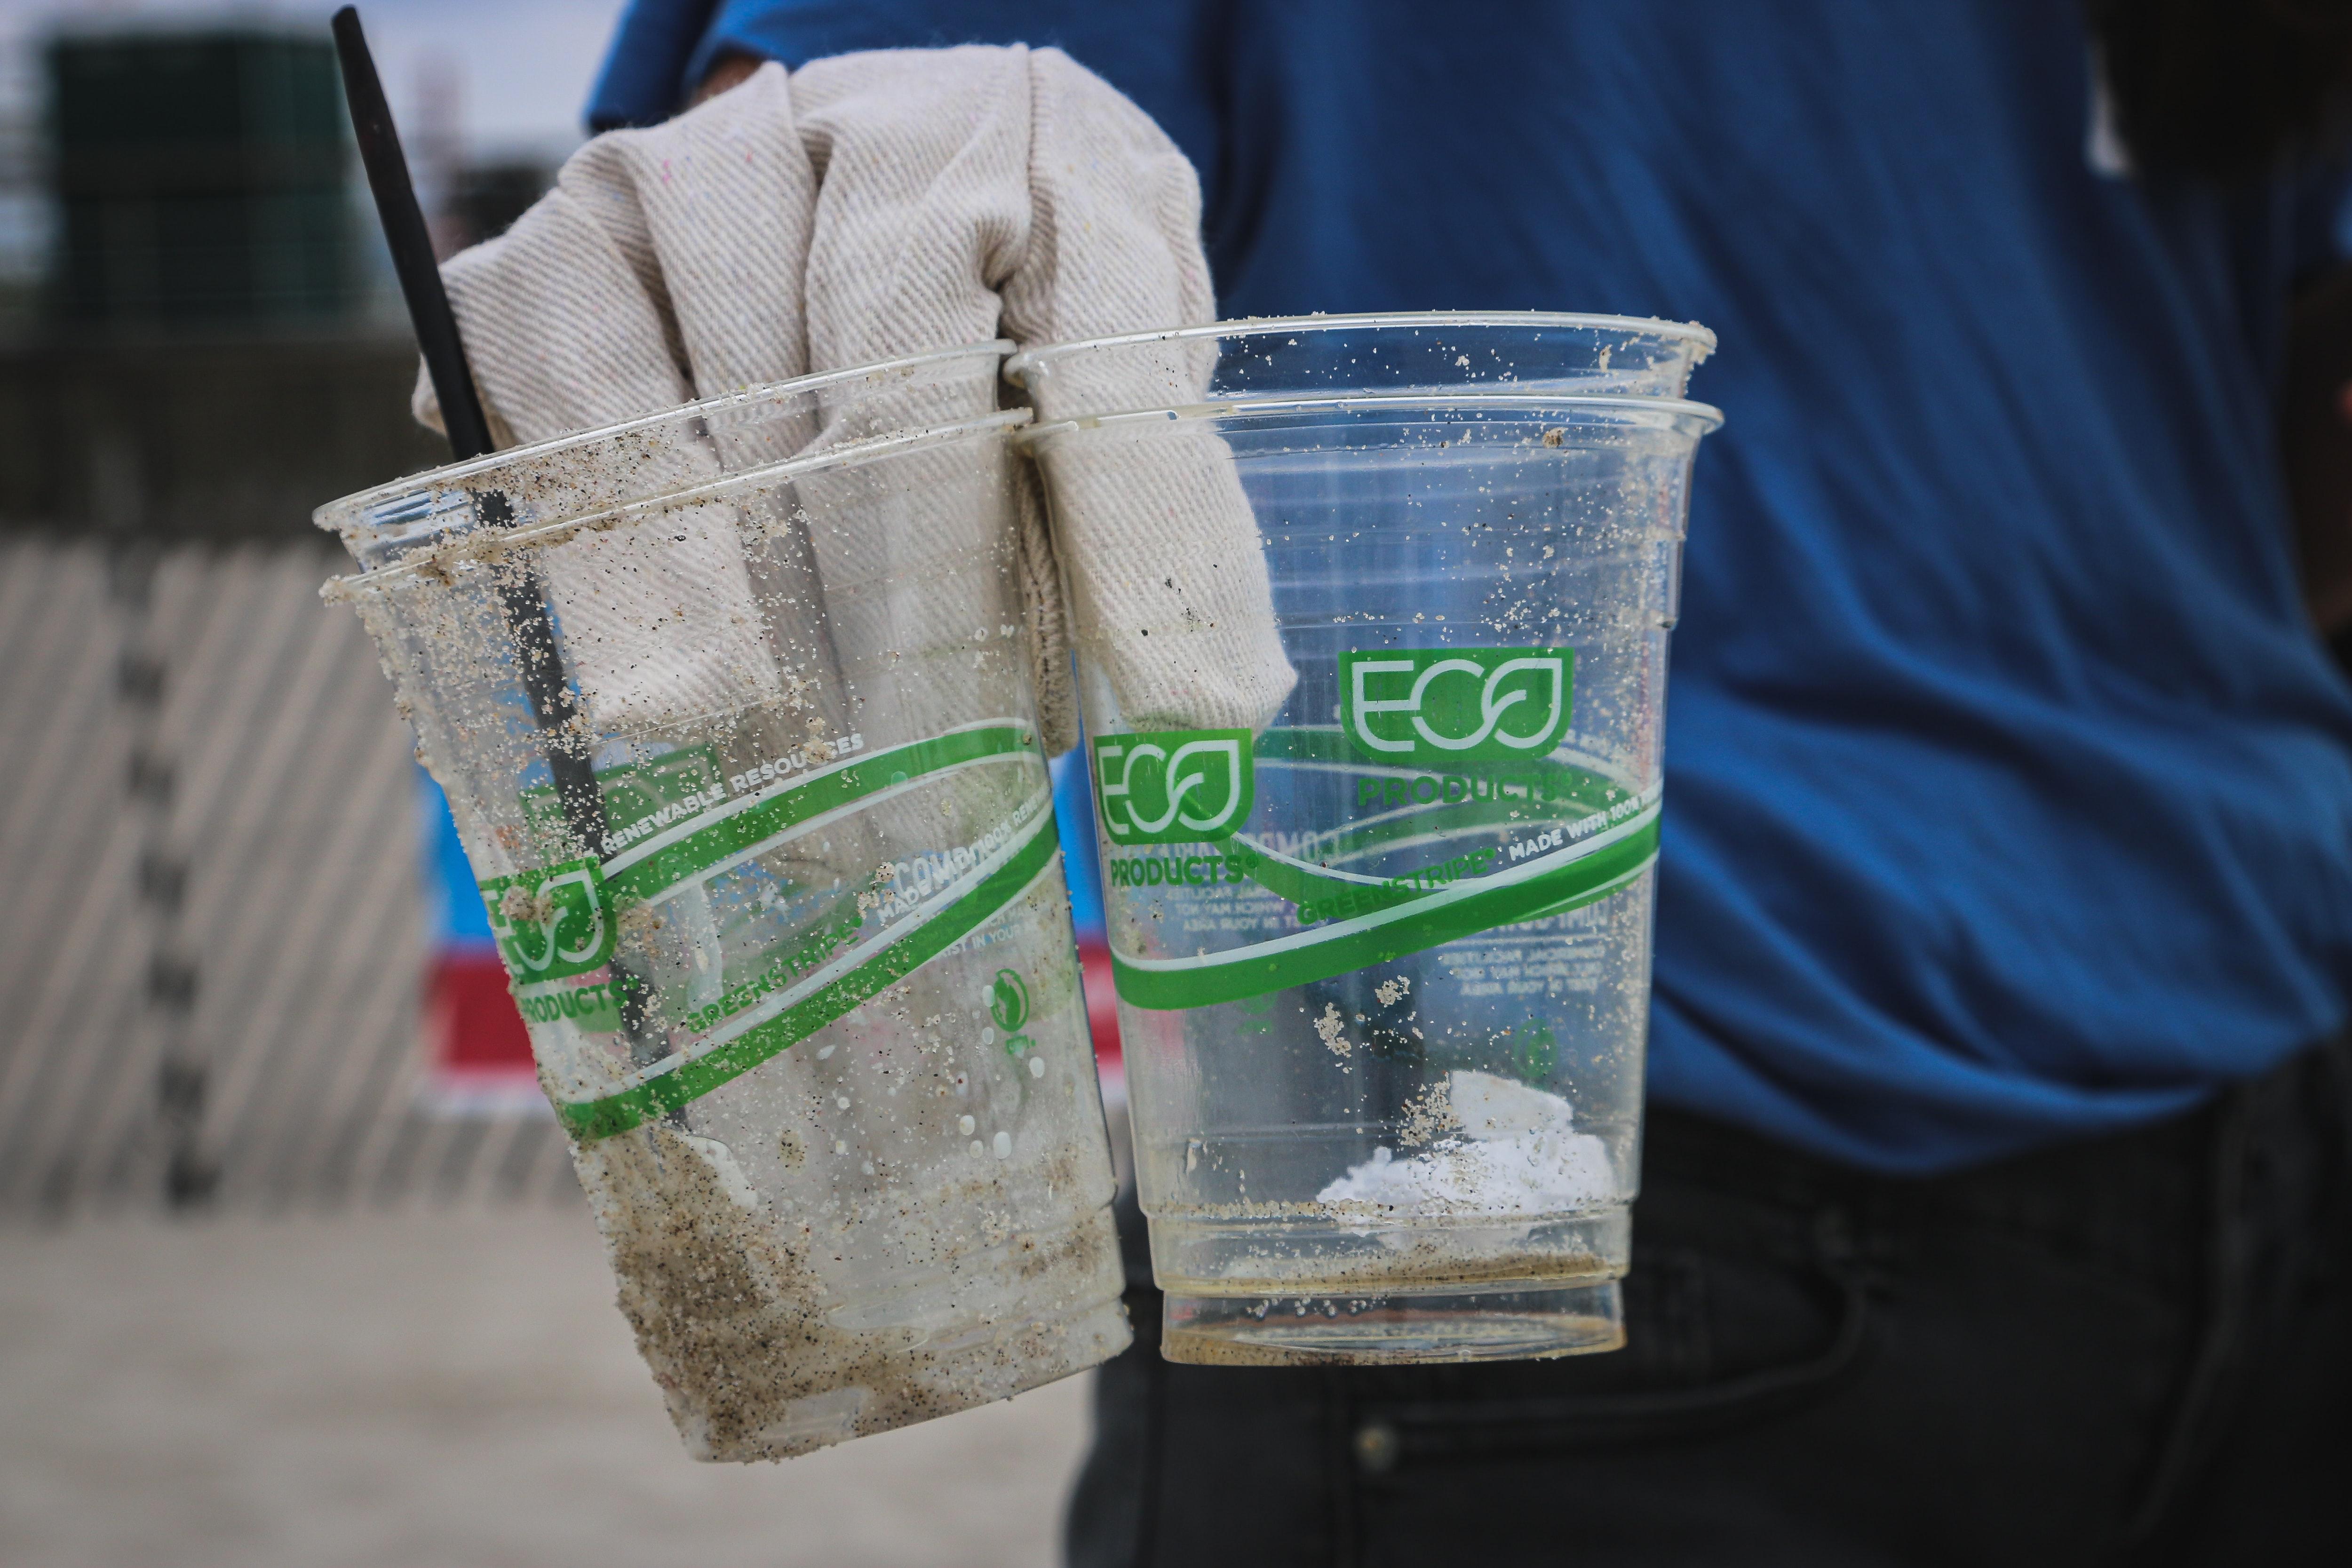 廃プラ海洋汚染問題 植物性プラスチックは救世主となるのか